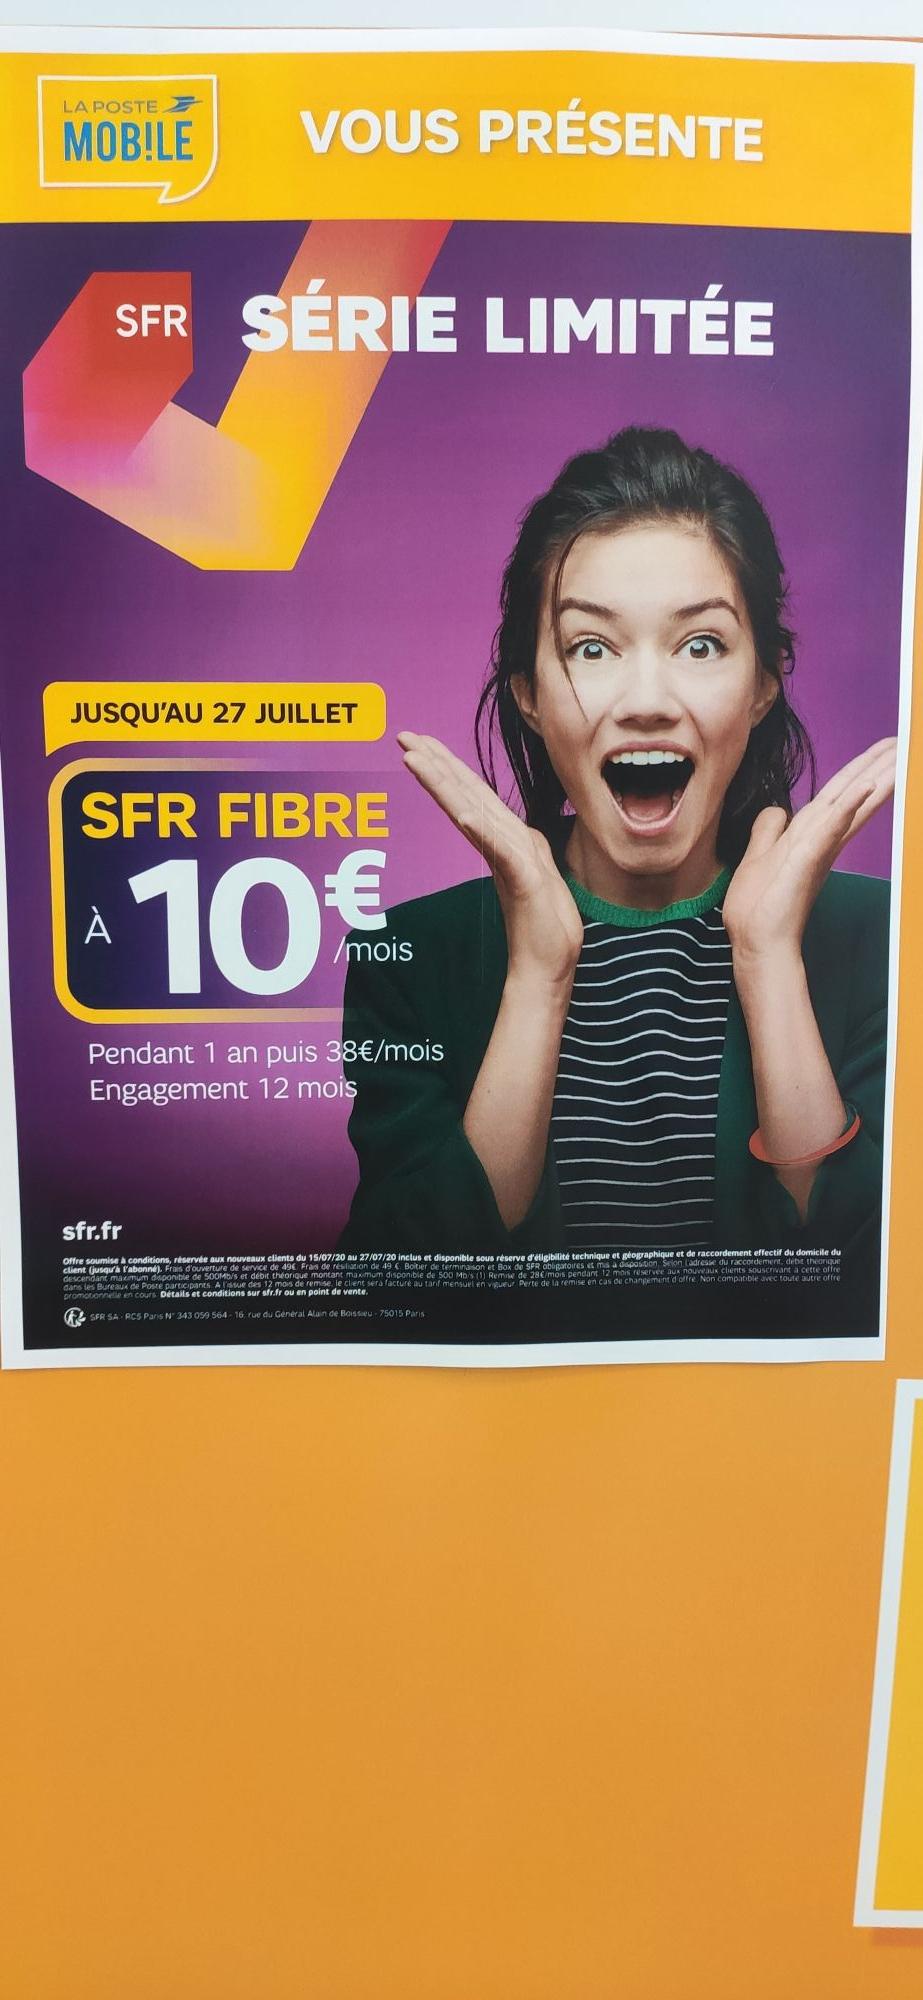 [Nouveaux Clients] Abonnement Box SFR Fibre (Pendant/Engagement 12 mois - Frais mise en service 49€)